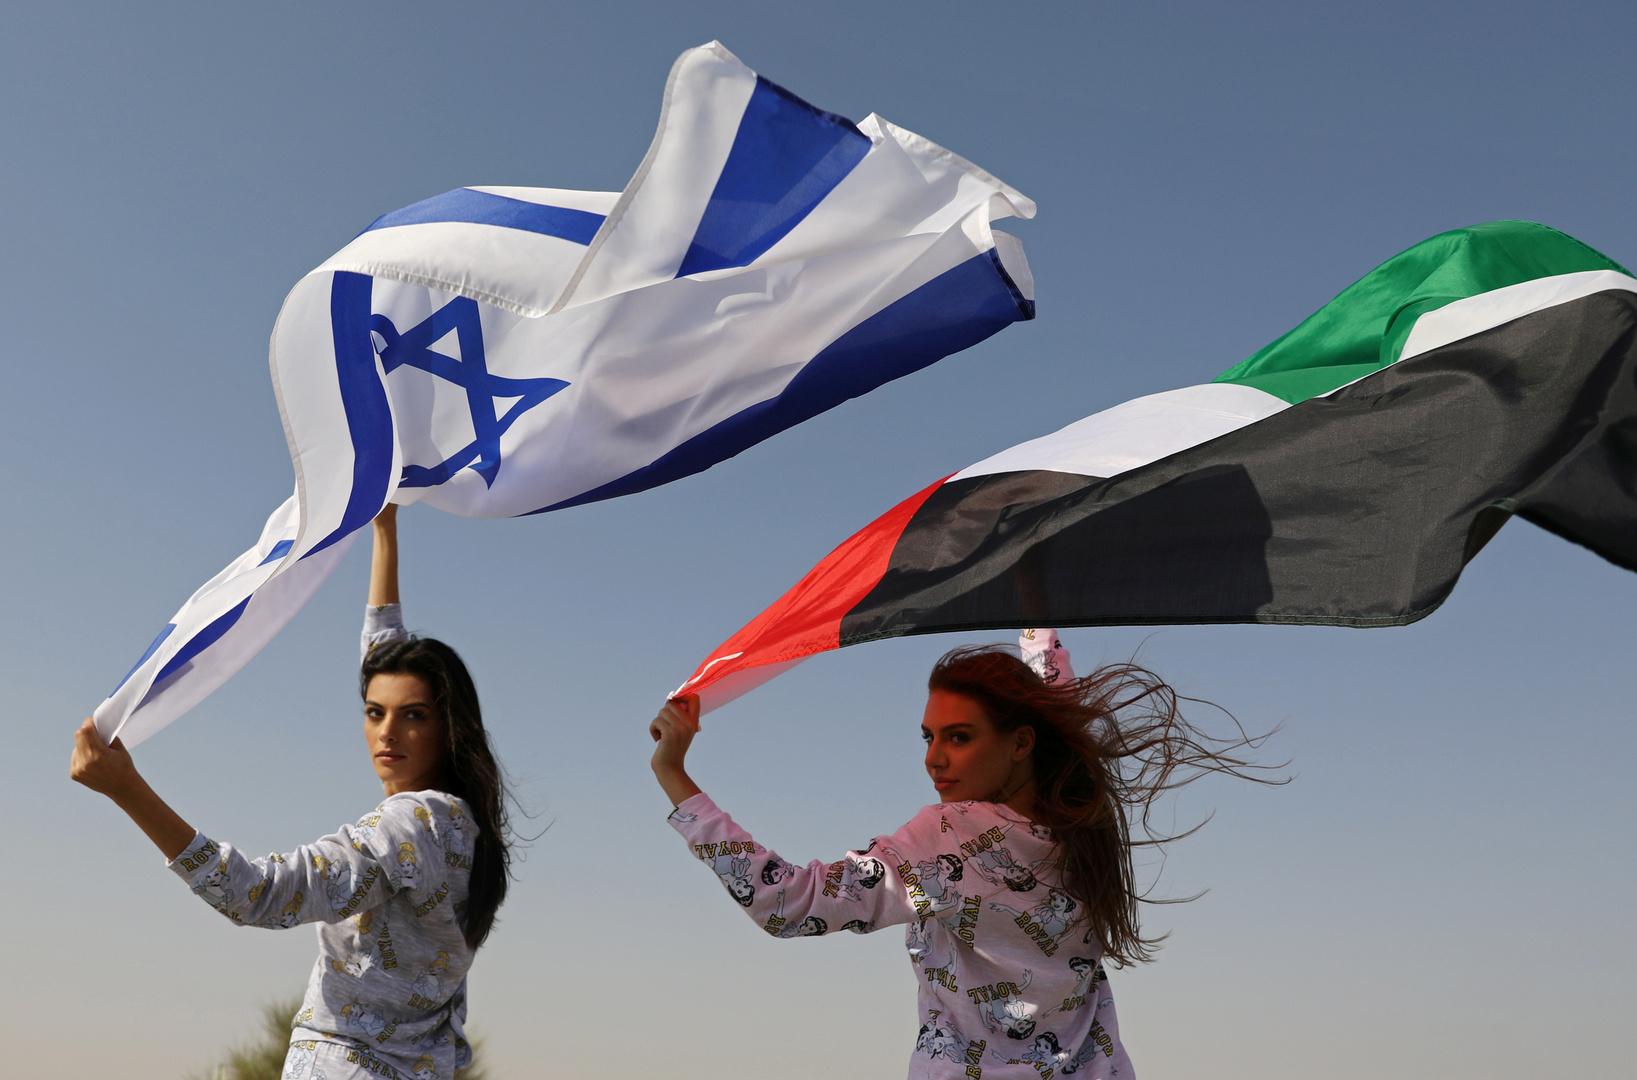 الإمارات وإسرائيل تبحثان تعزيز التعاون التجاري والاقتصادي بينهما